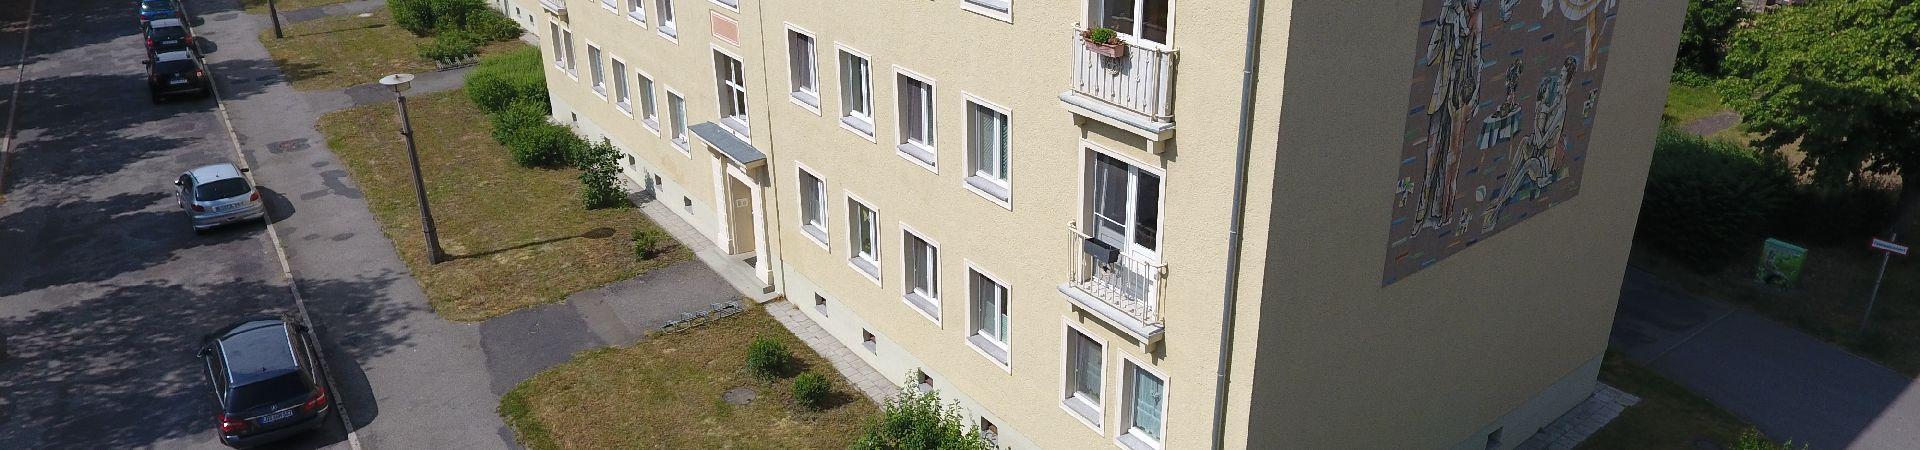 Fassaden wiederherstellen oder komplett erneuern